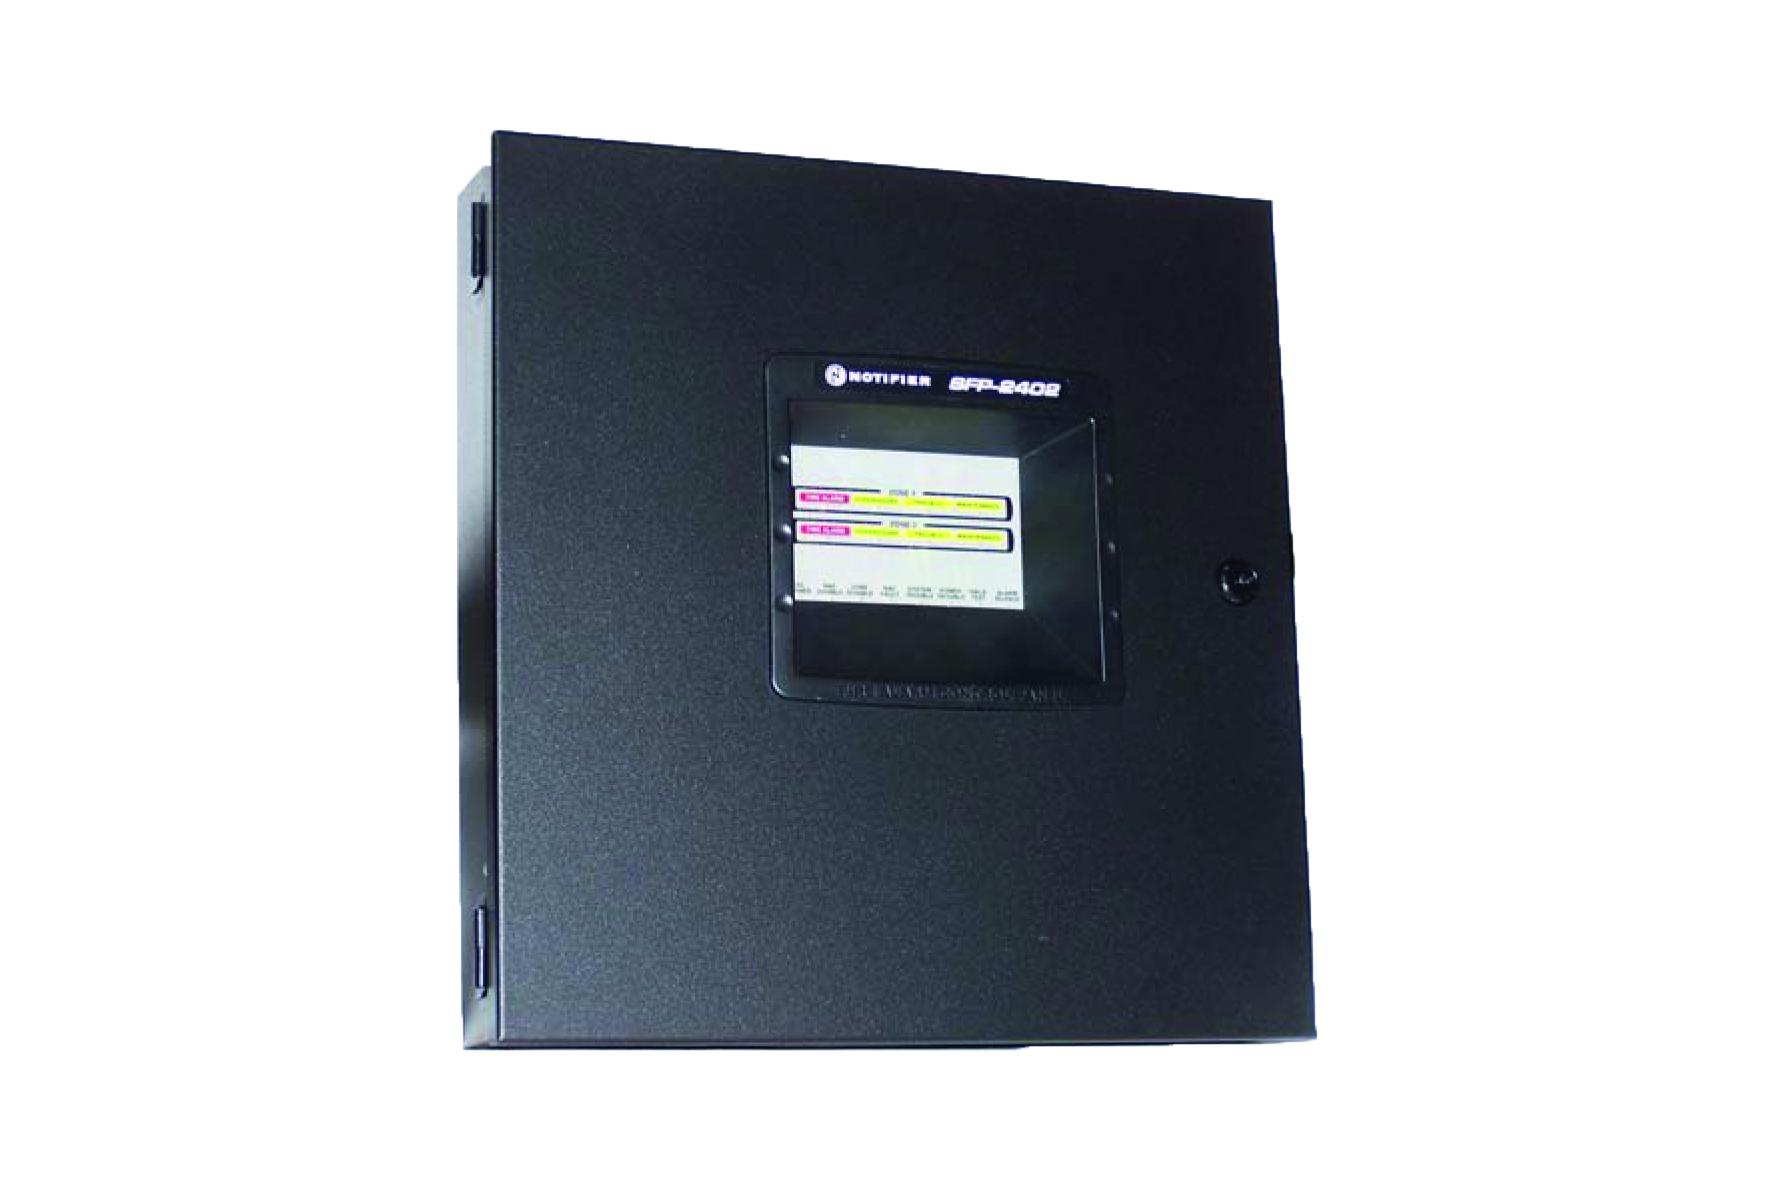 SFP-2402